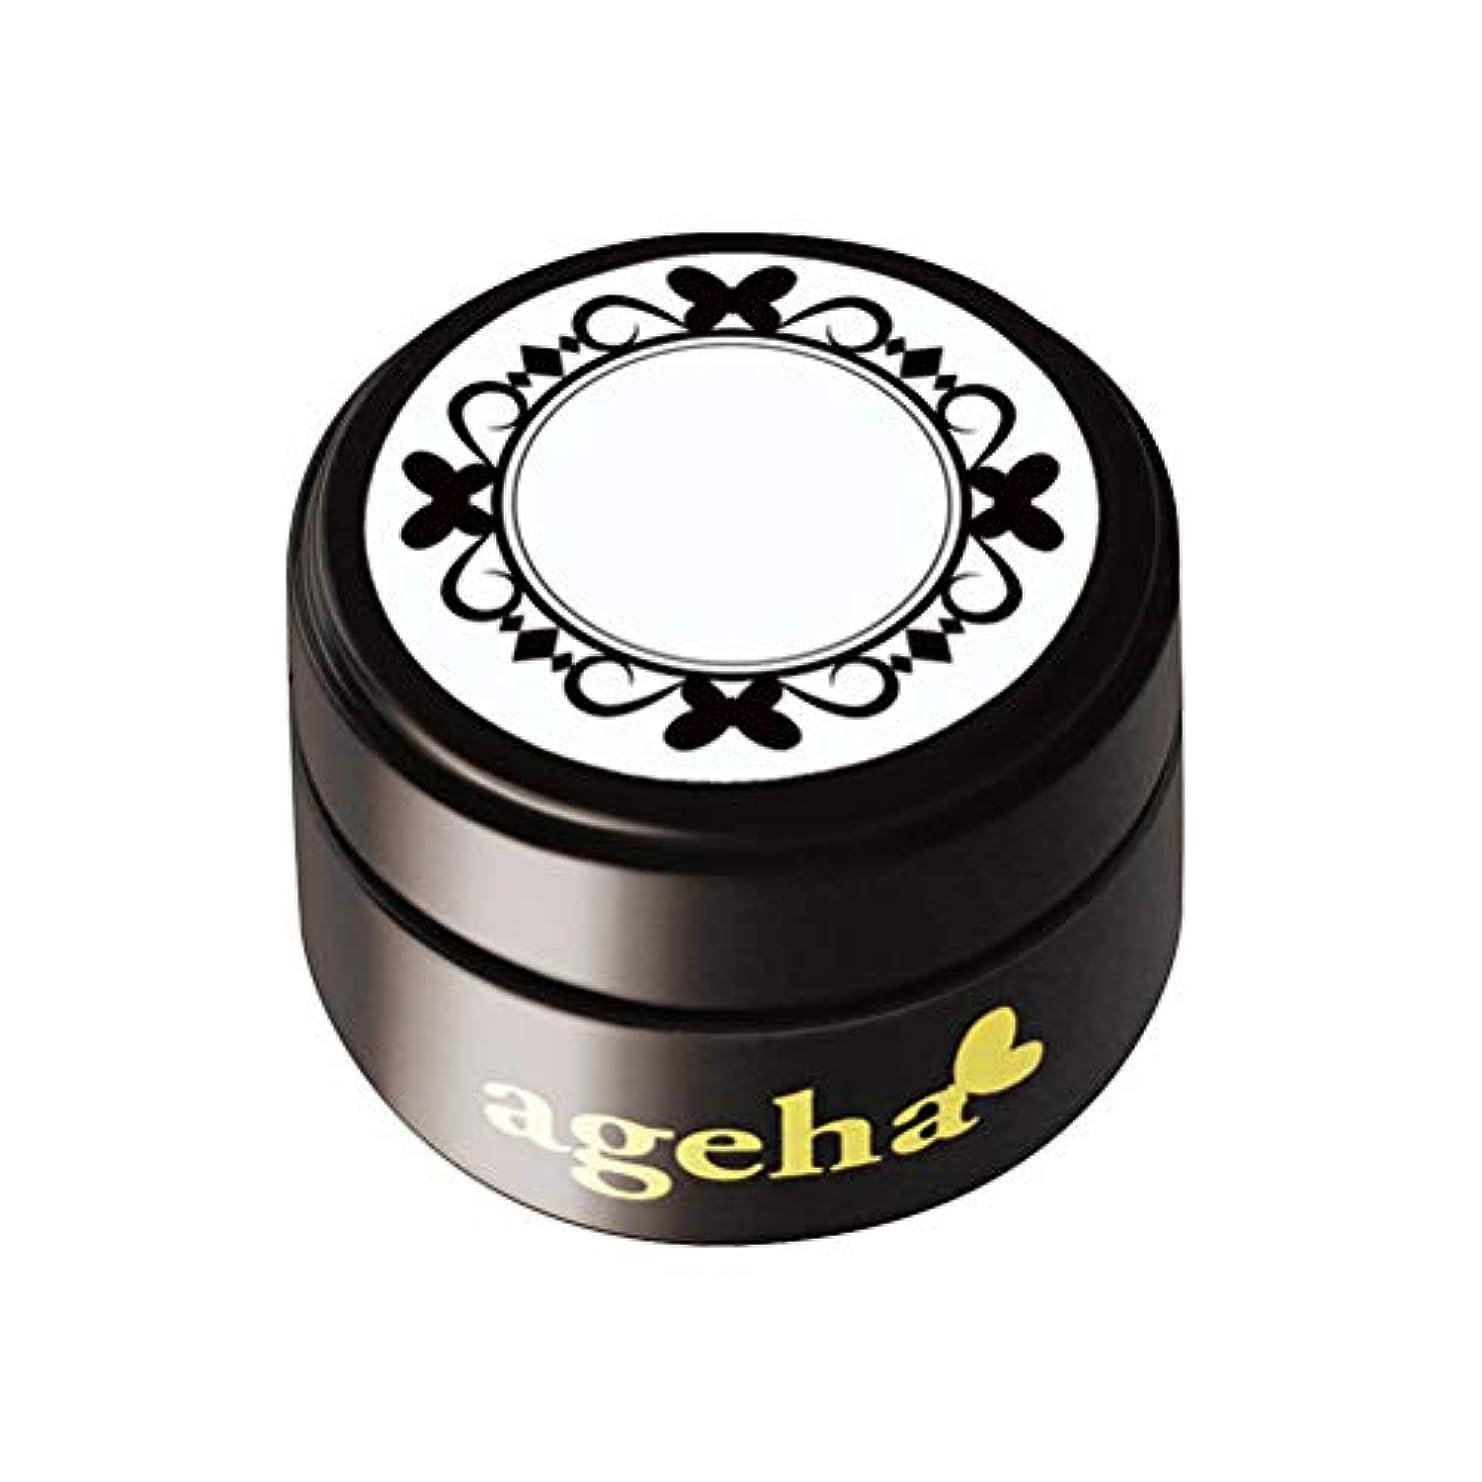 状態一時的寄付ageha コスメカラー 420 ルミナスブラウン 2.7g UV/LED対応